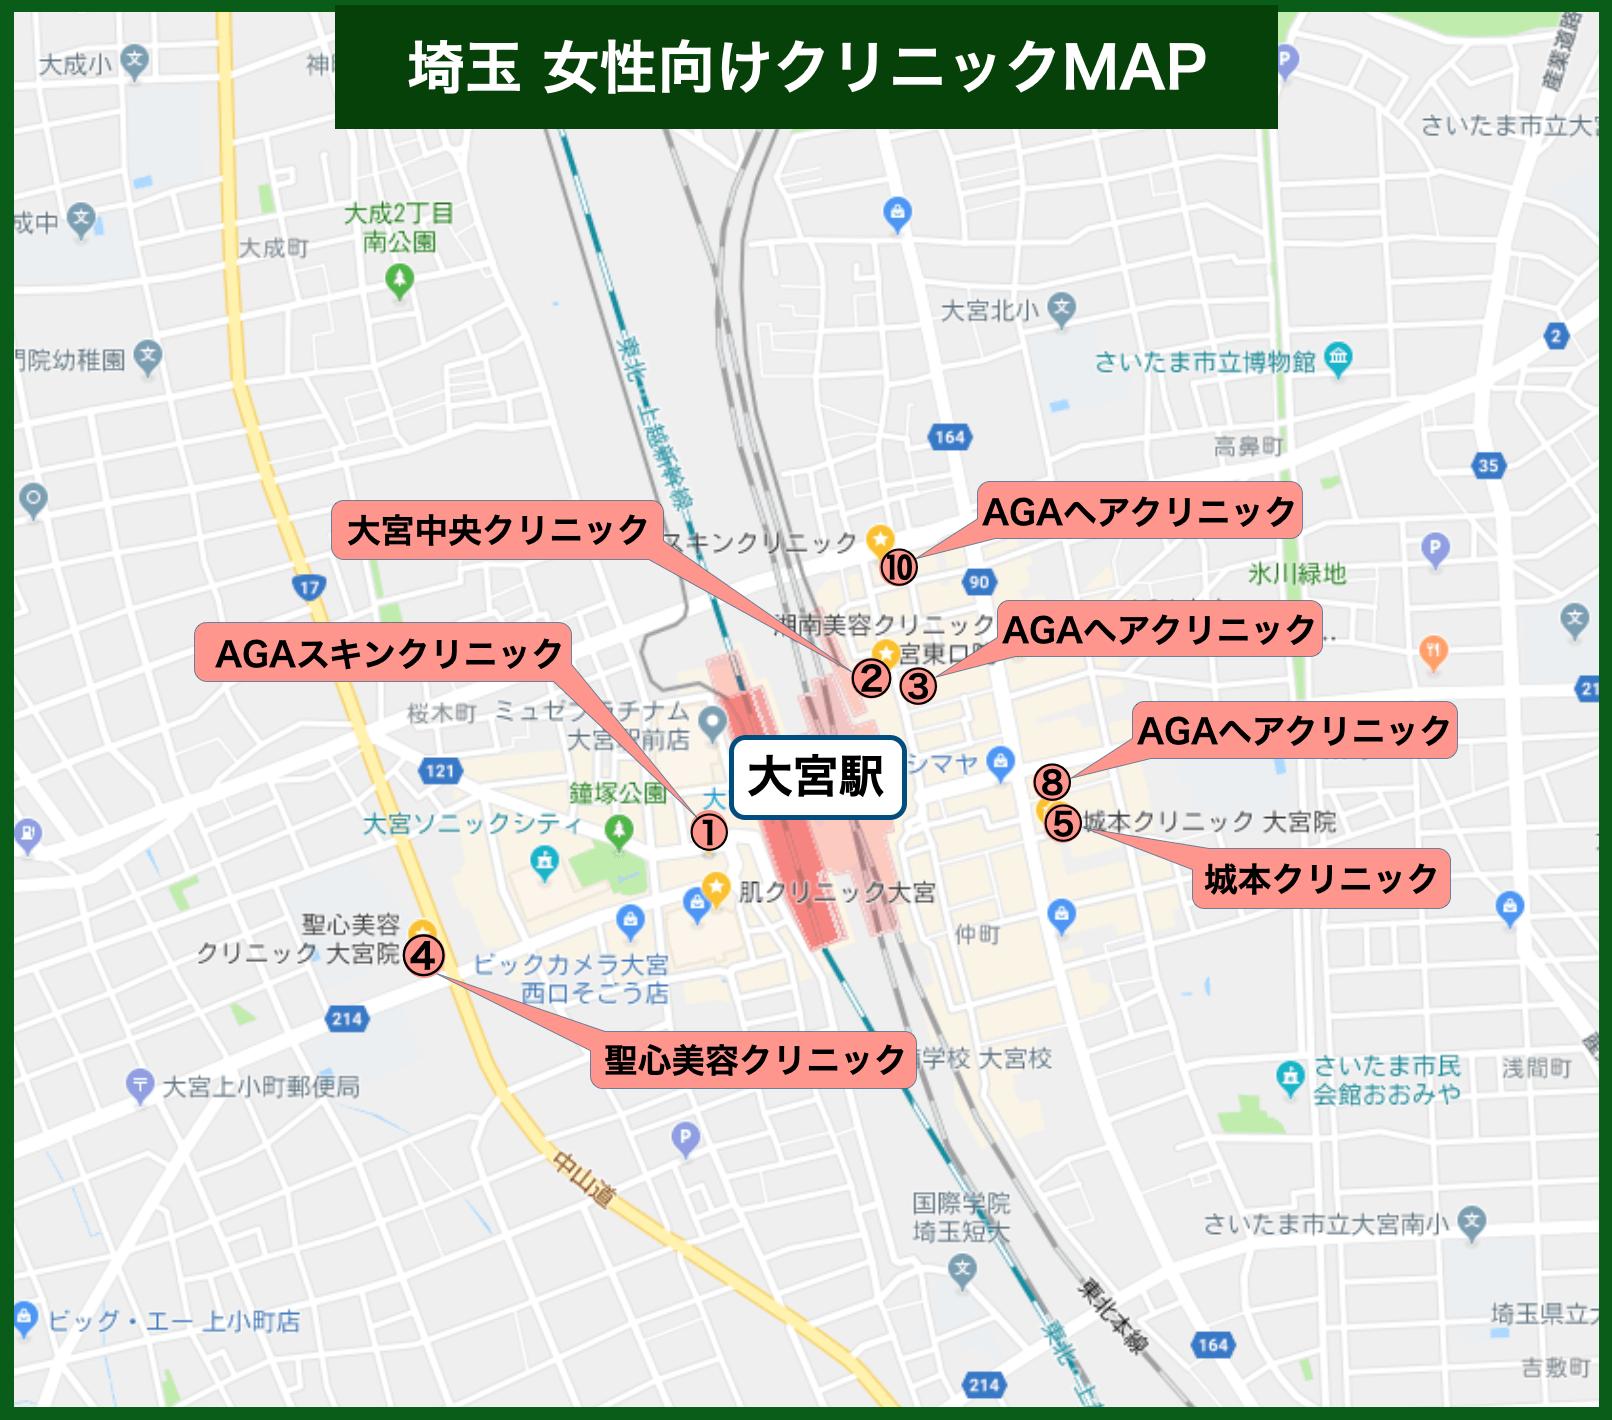 埼玉女性向けクリニックMAP